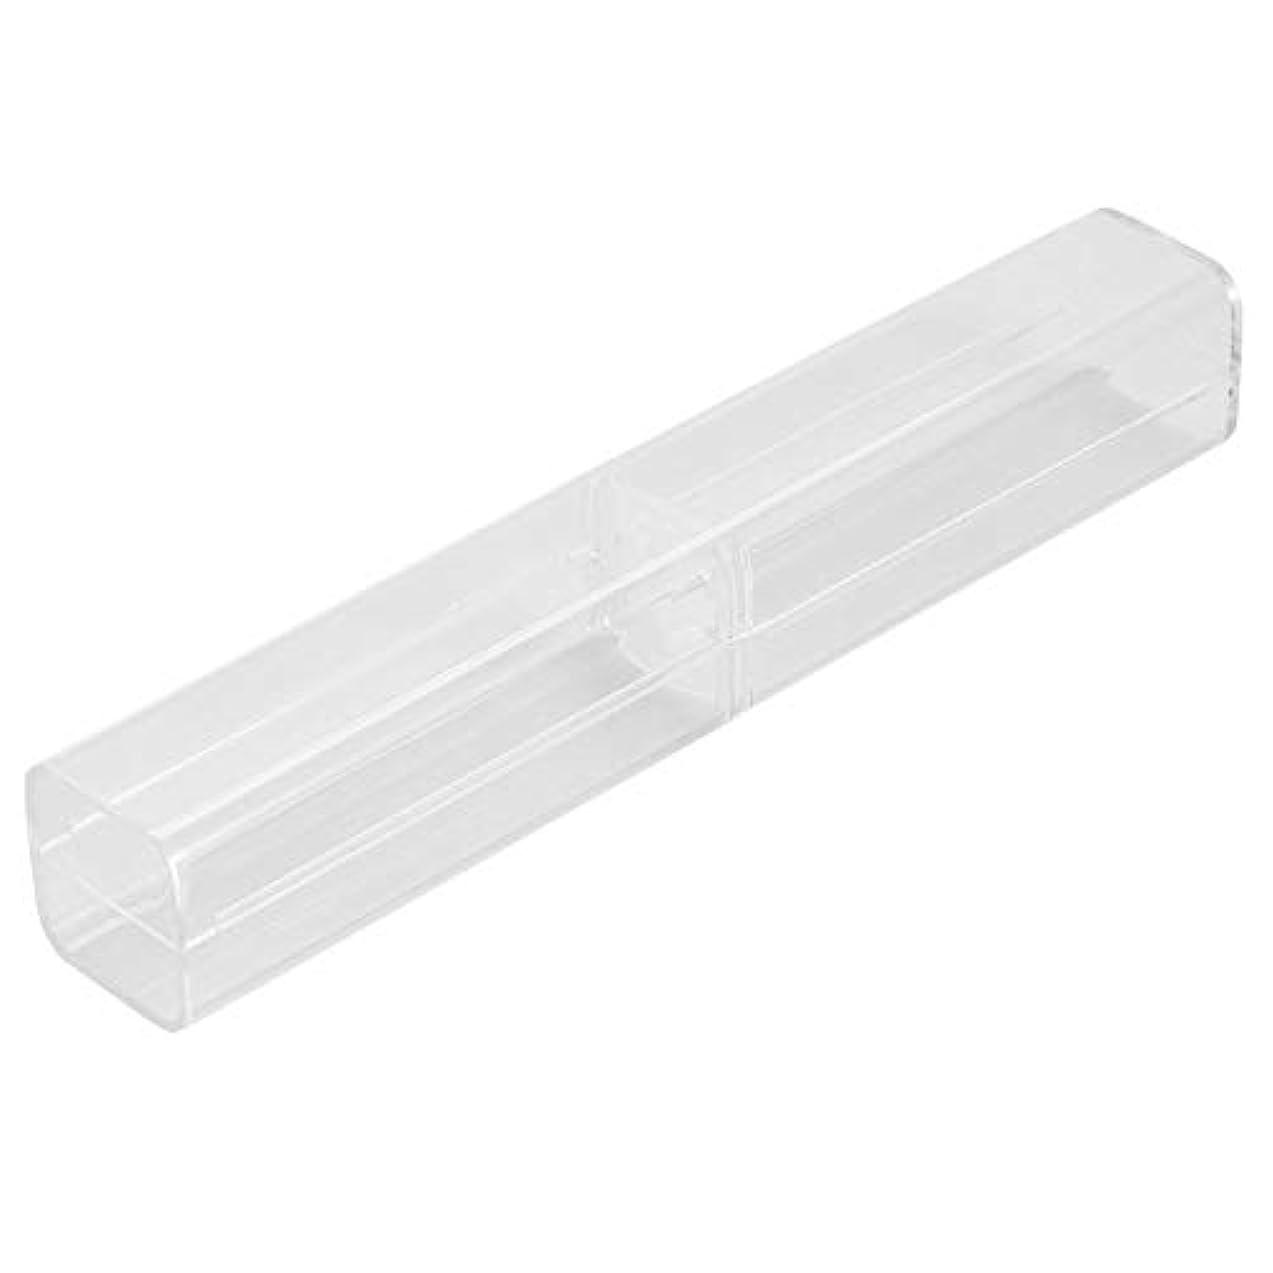 小売ニックネーム接続された1ピース収納ボックス - 手動ペン眉毛タトゥークリアケース透明収納ボックス、収納ボックス - タトゥーコンテナ